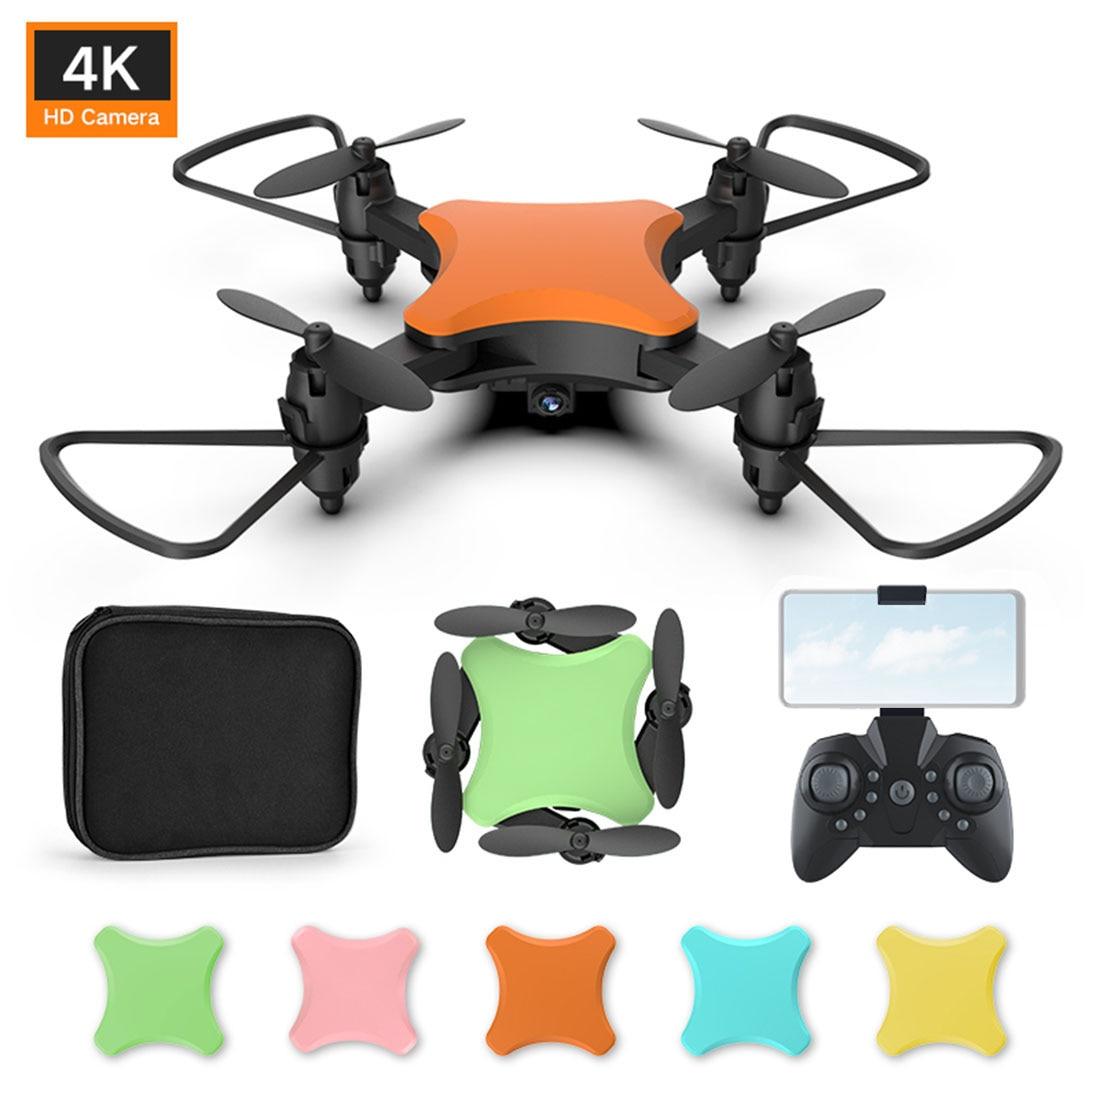 Mini Drone plegable Drone 4K HD cámara de vídeo WiFi FPV Control de voz Sígueme RC helicóptero Quadrocopter con 5 carcasas KY902 KY902S